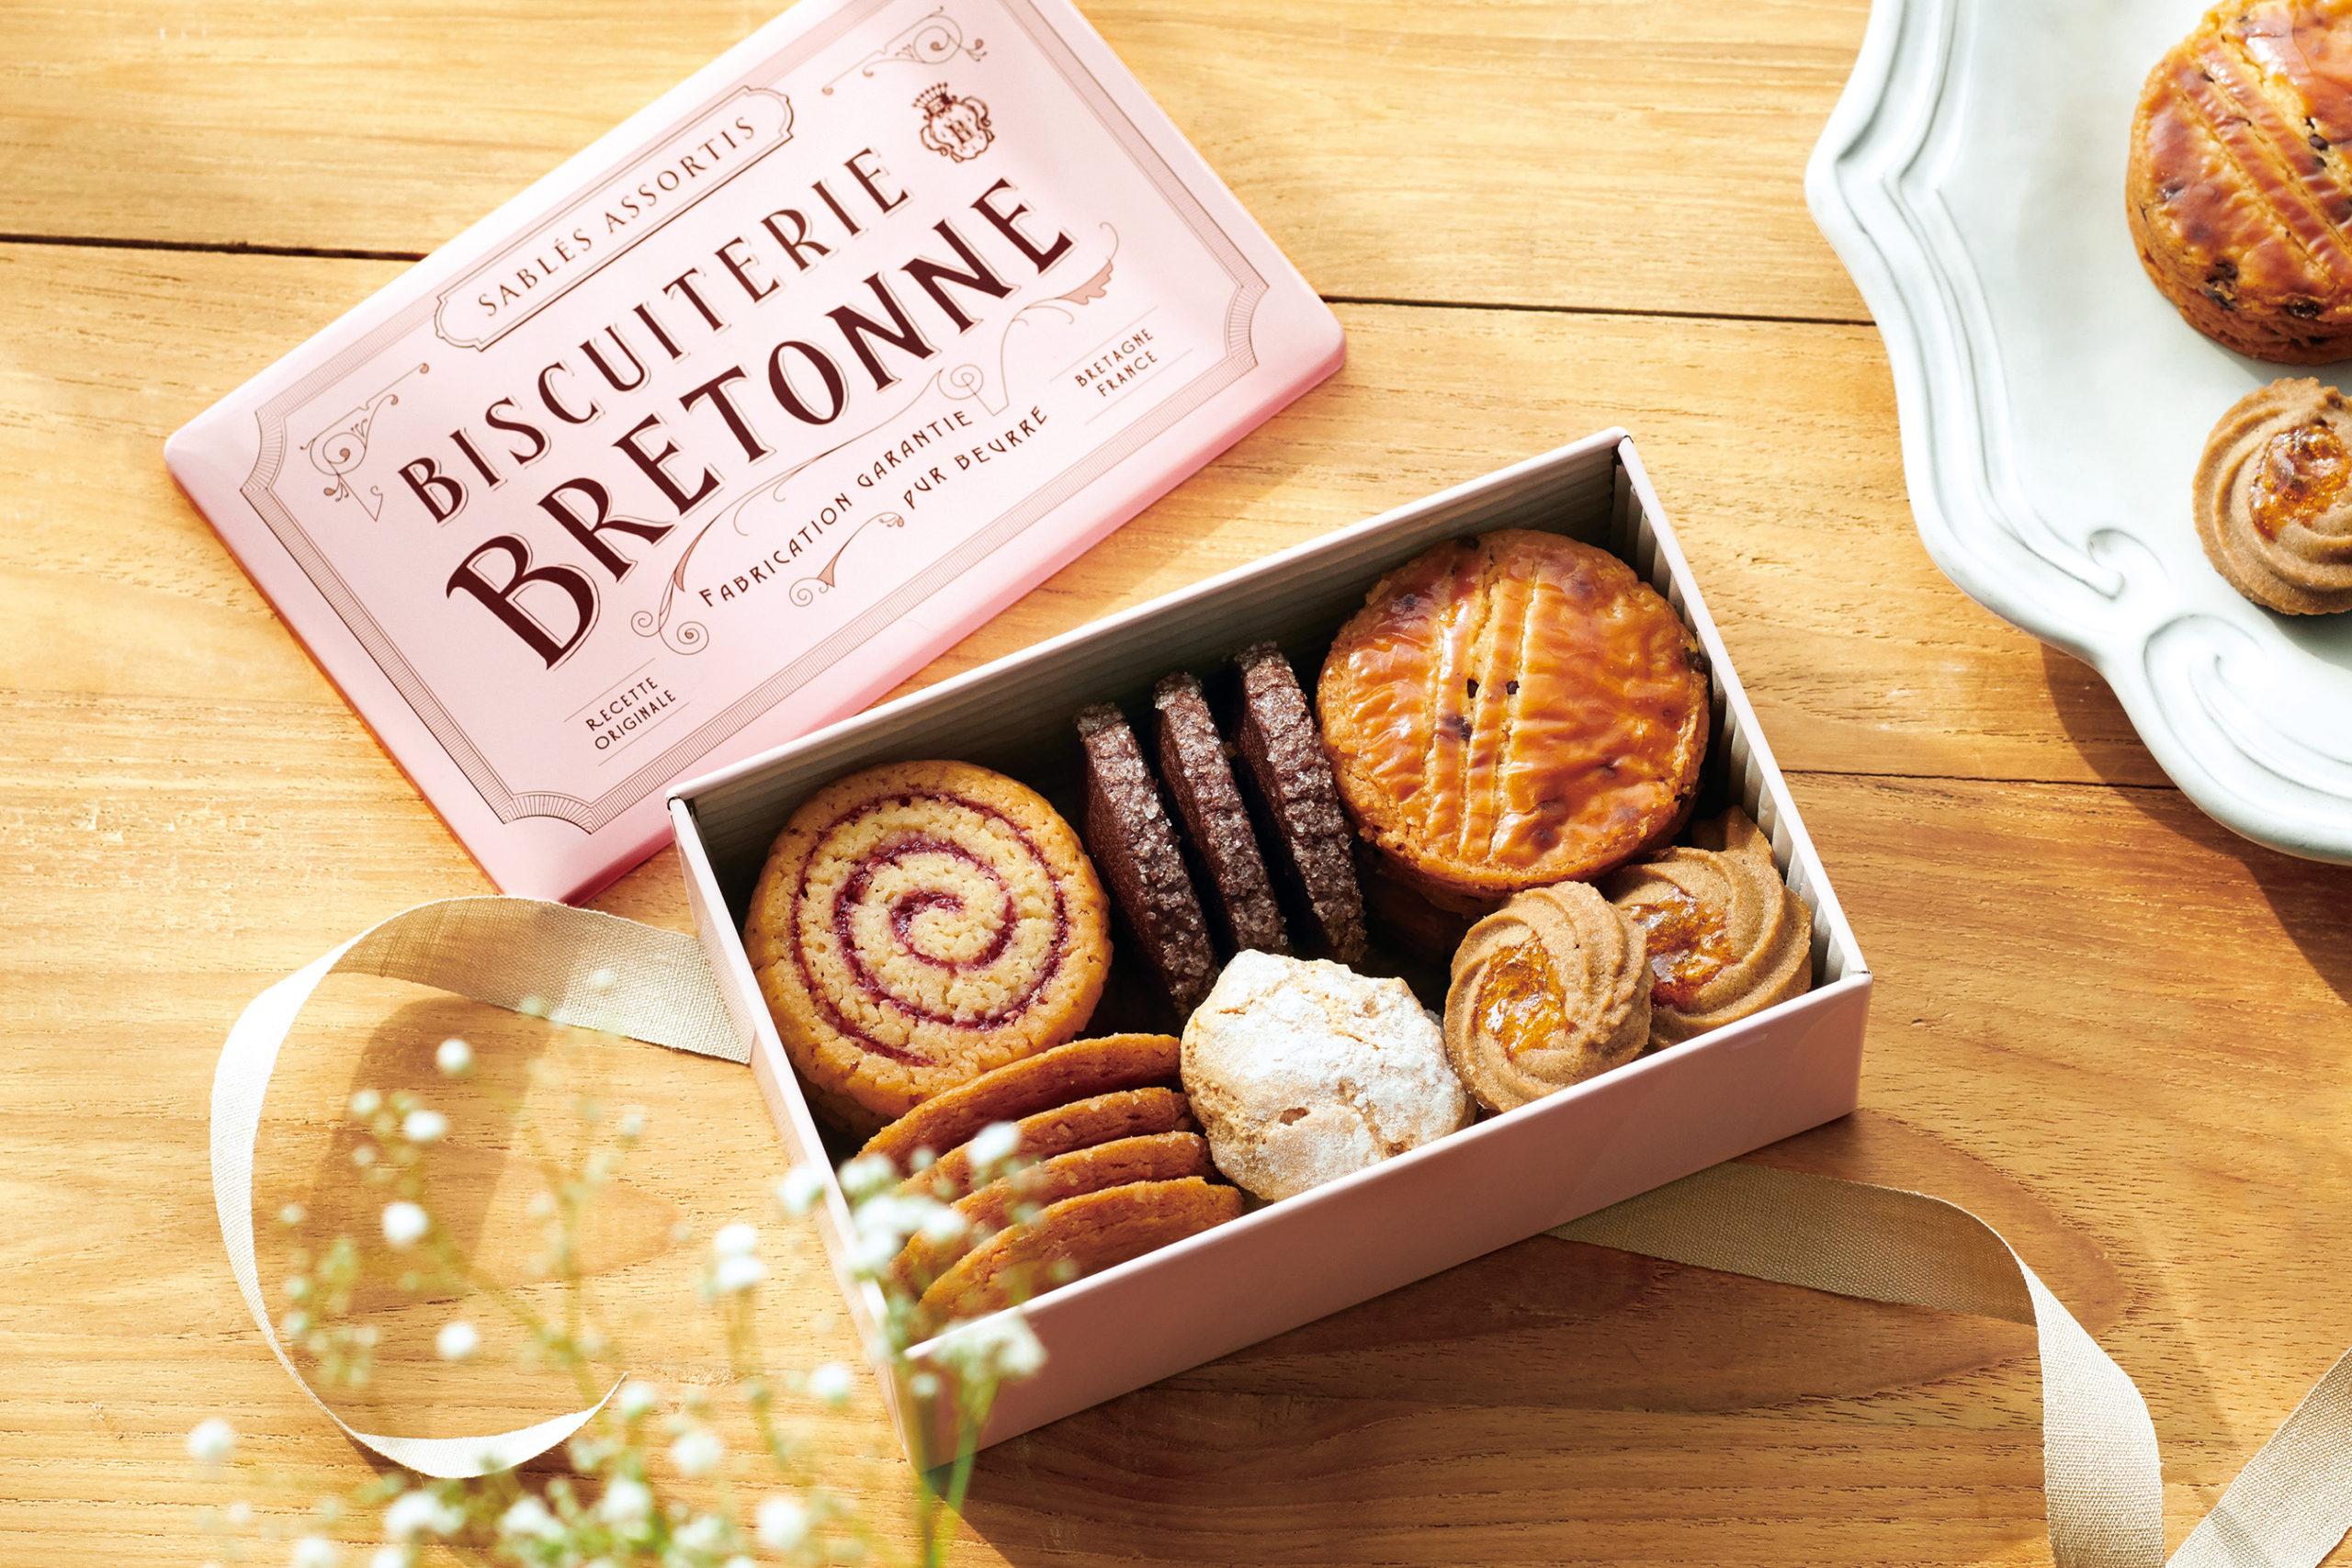 『ブルターニュ クッキーアソルティ〈缶〉ボヌール』/ ビスキュイテリエ ブルトンヌ